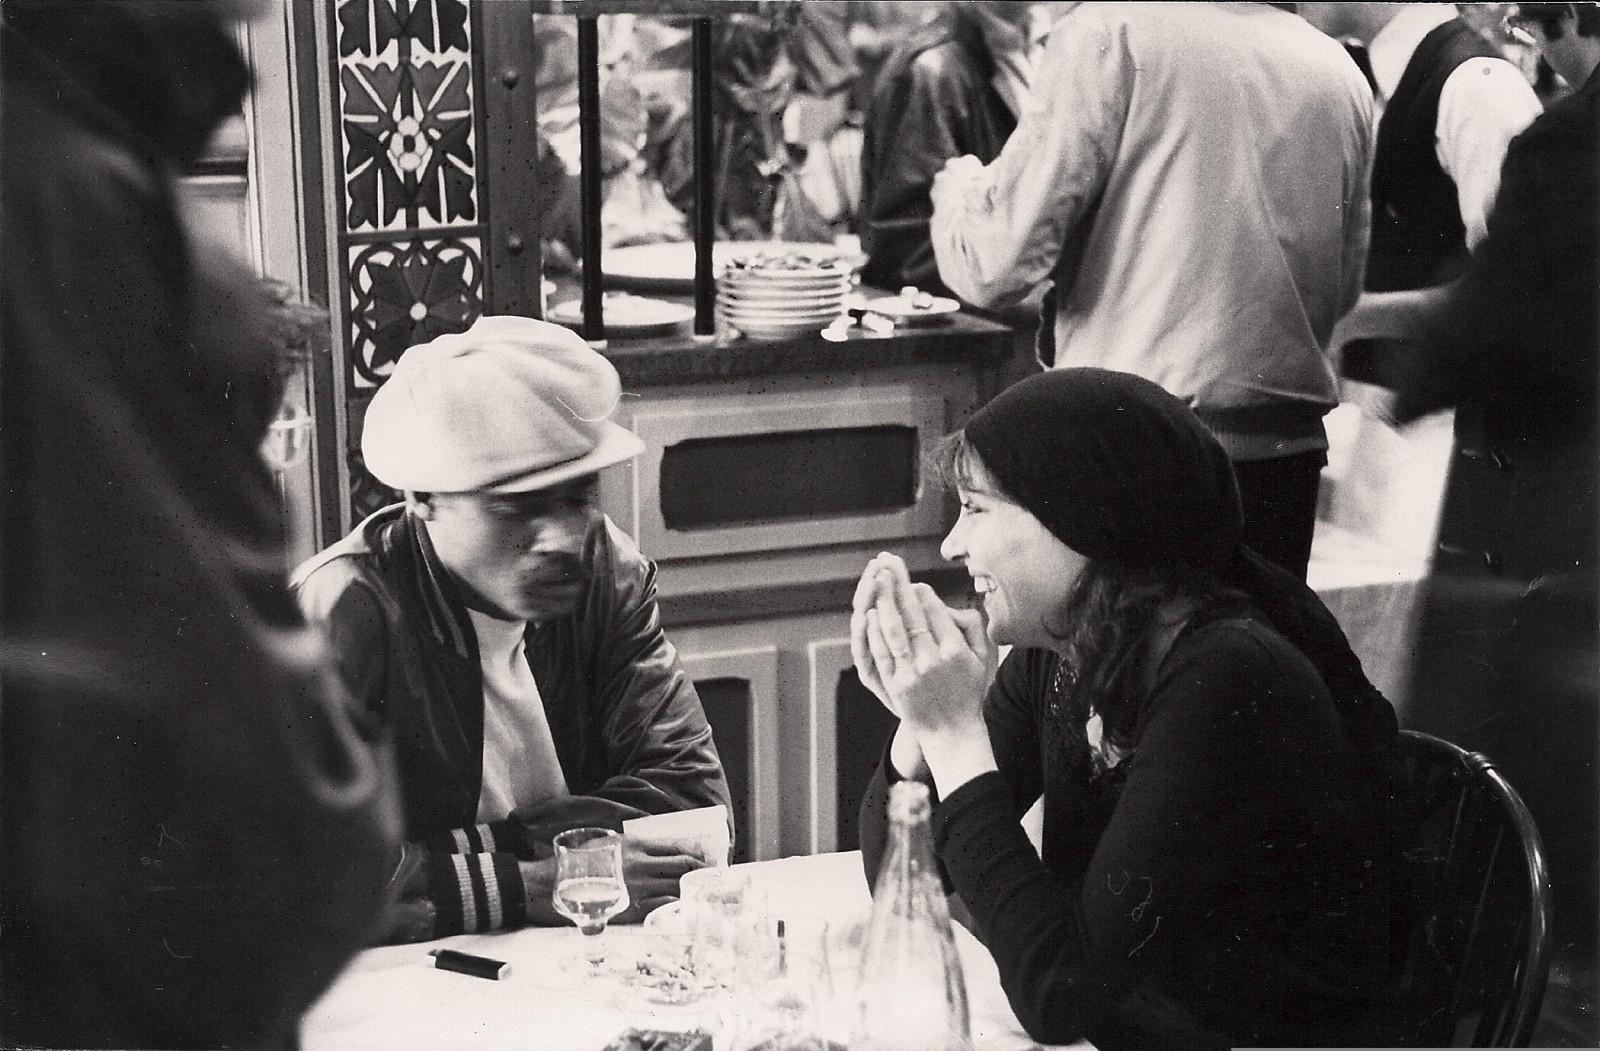 Melvin van Peebles et Anna Karina